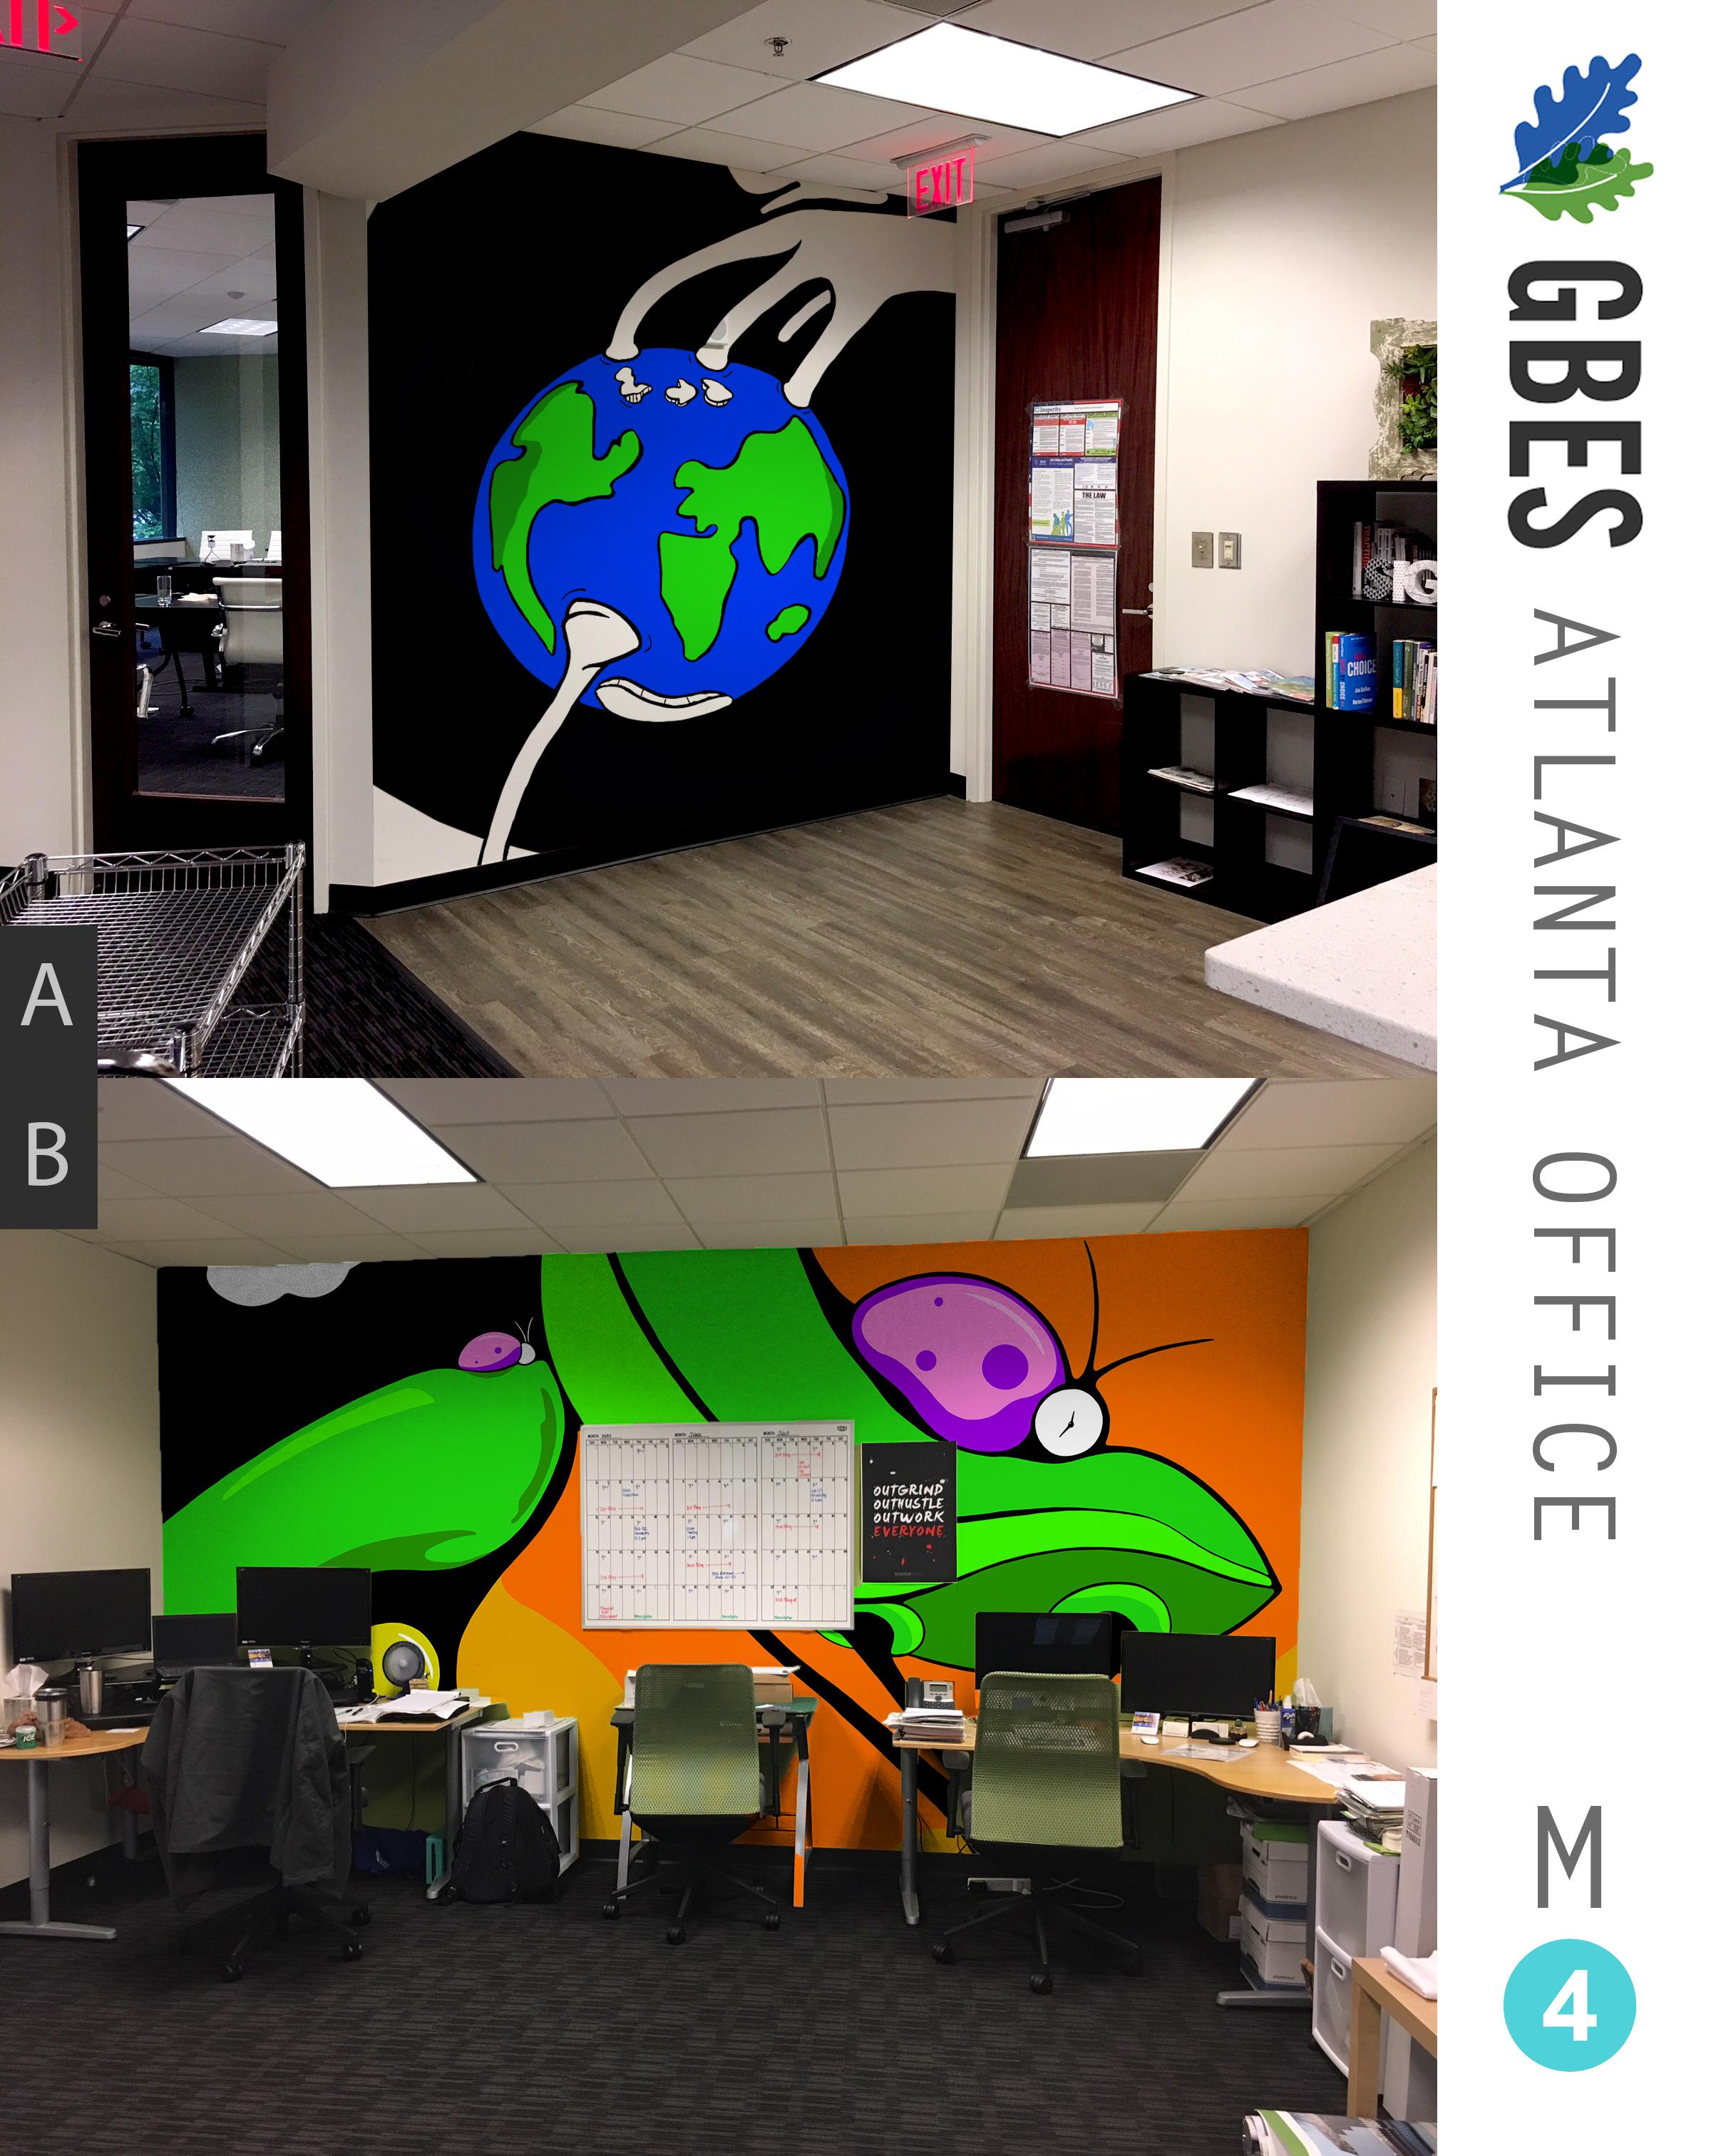 gbes-mural-mock-04